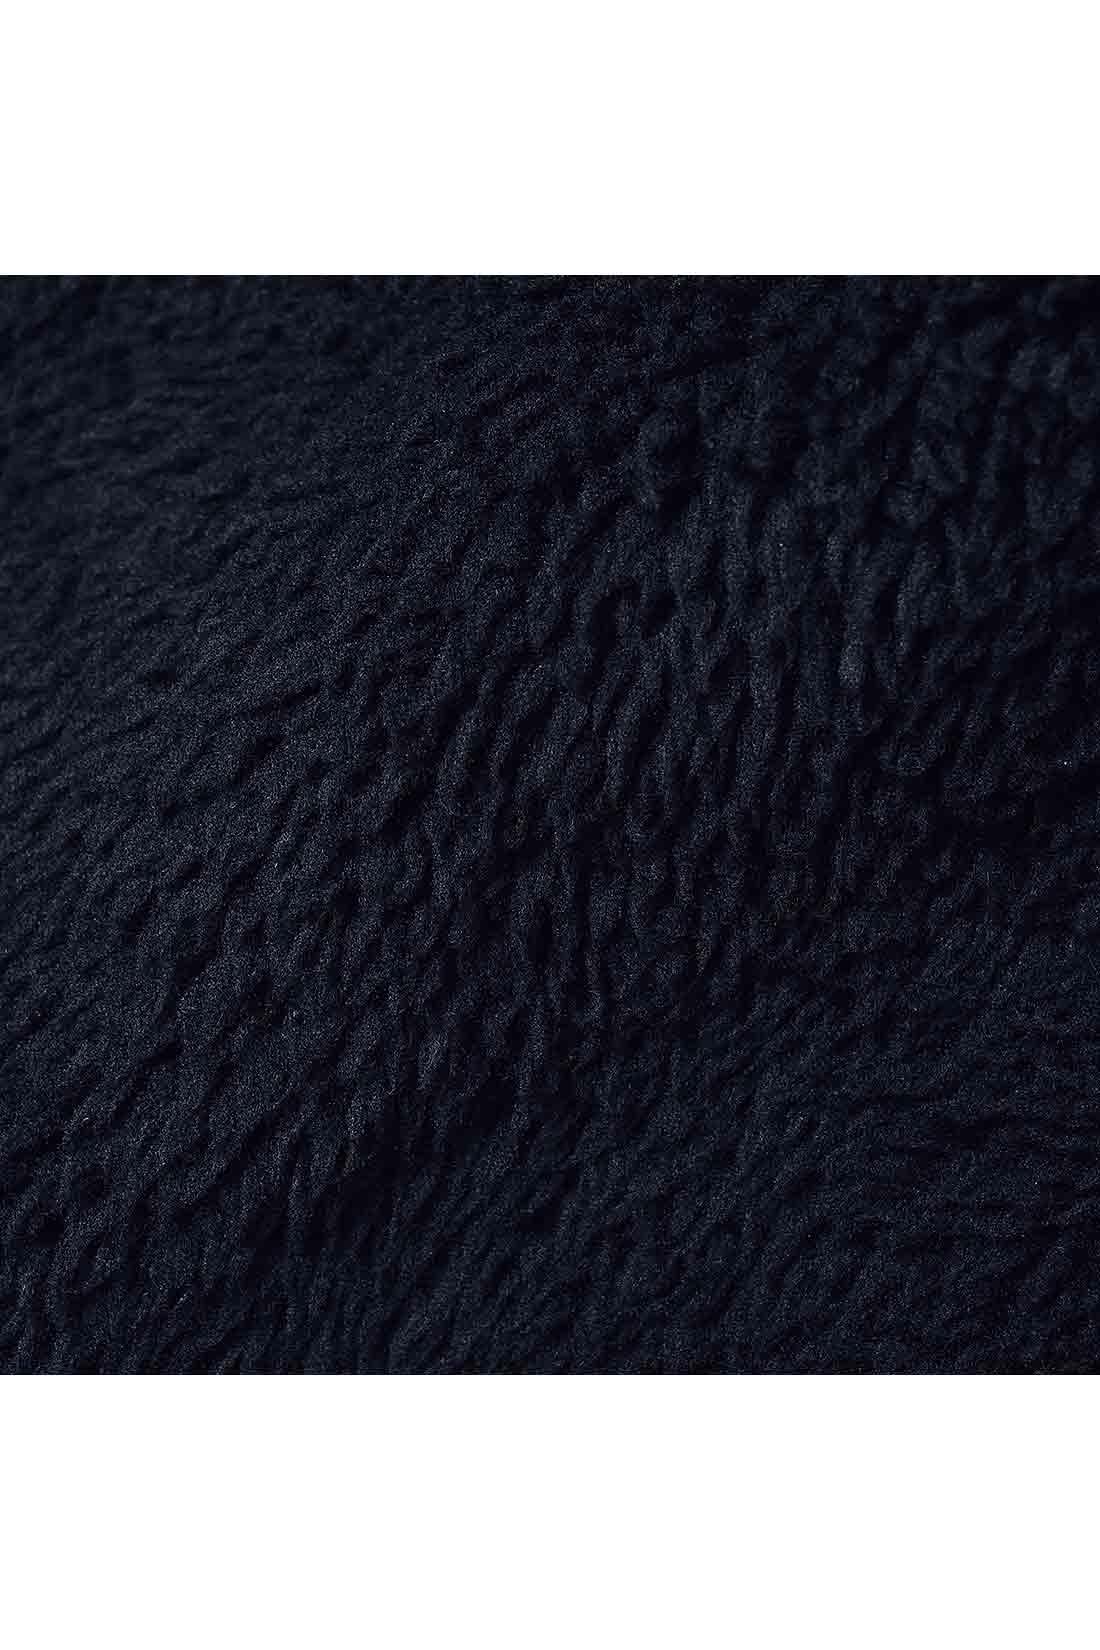 やわらかで伸縮性のある素材に、同色のボアを裏全面にボンディング。